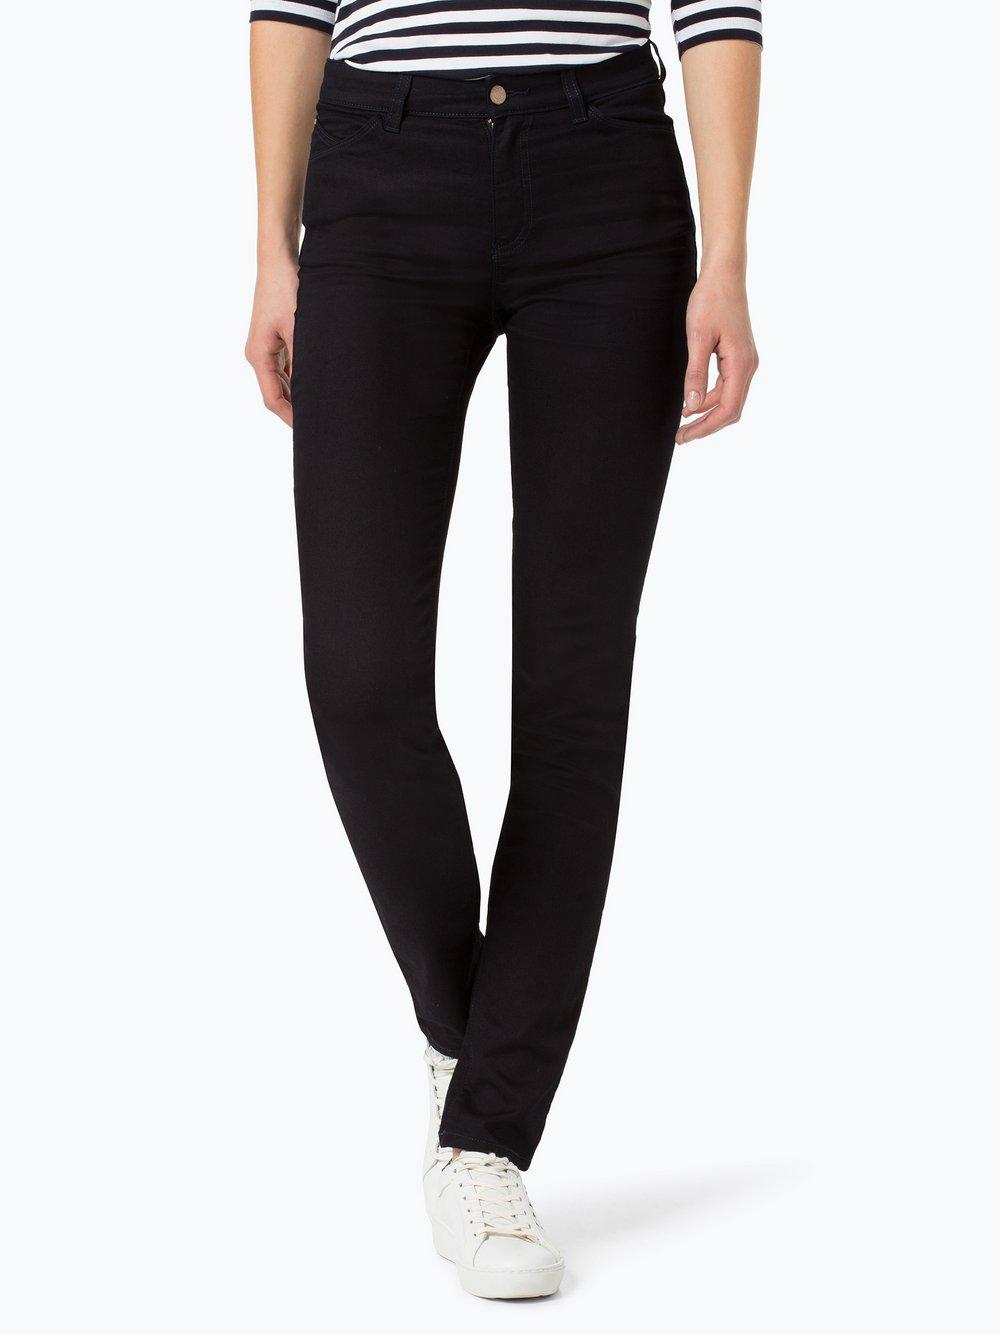 Armani Jeans Damen Hose - Dahlia online kaufen   VANGRAAF.COM 86a456e8a5